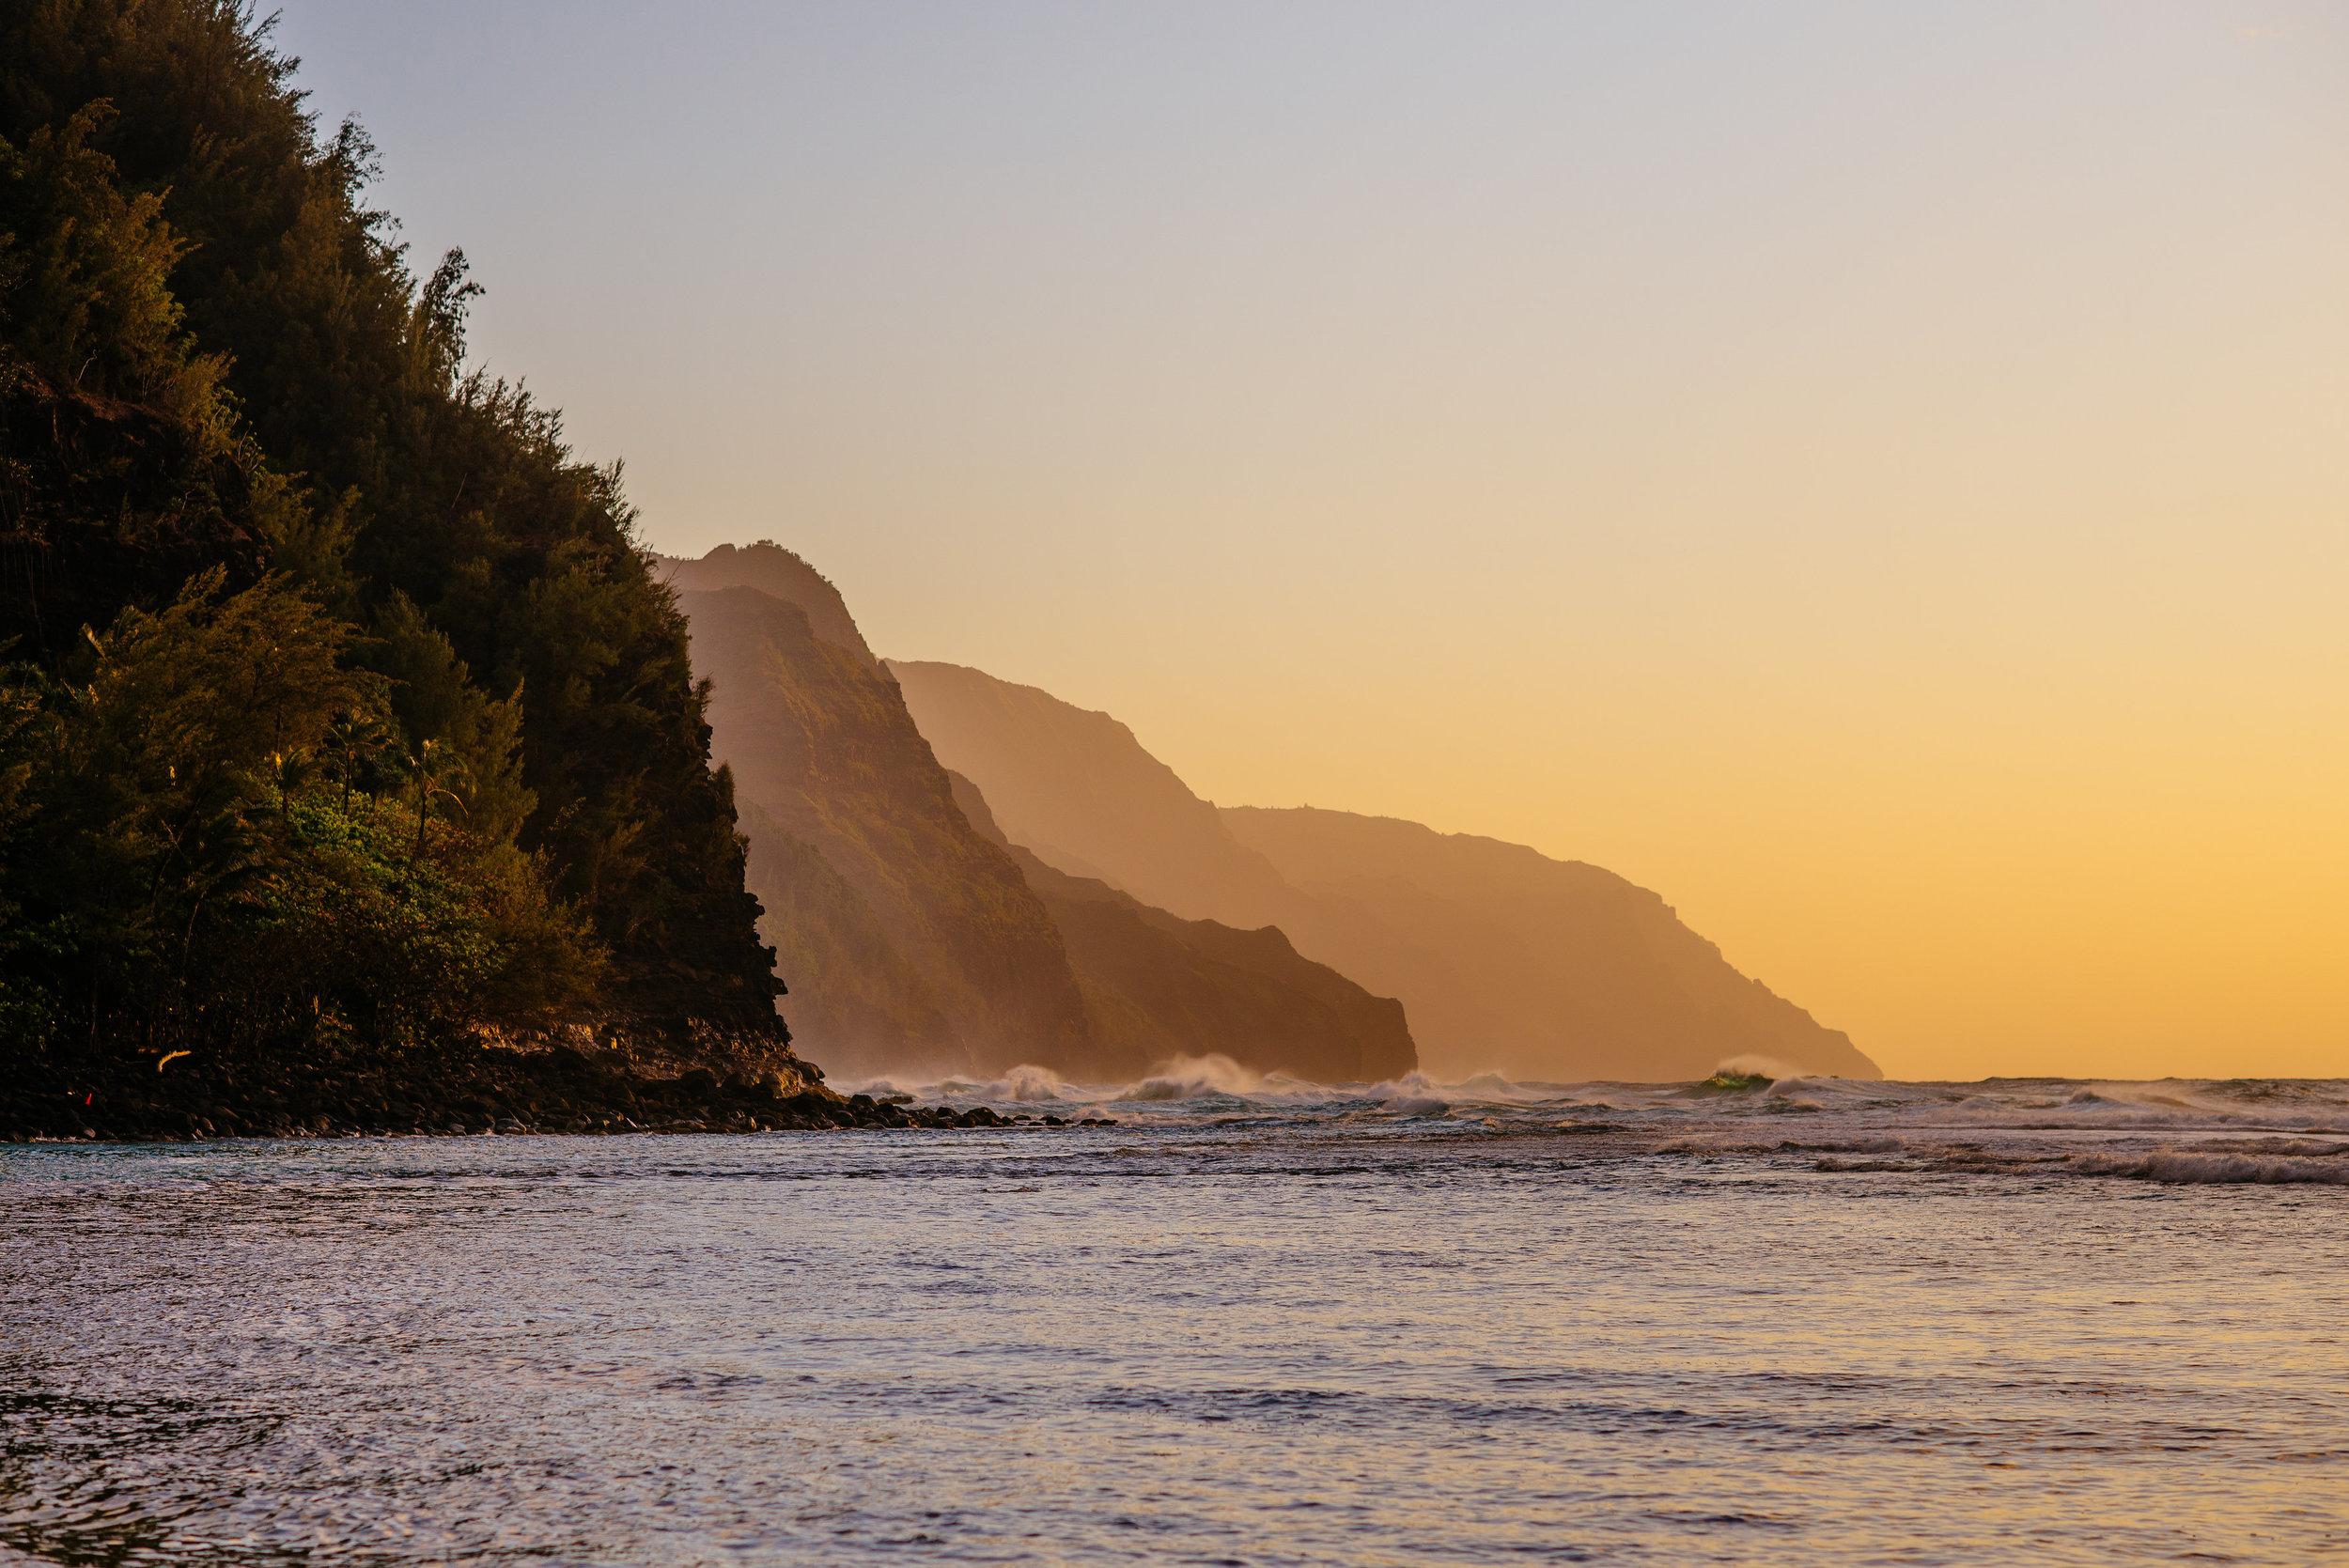 kauai2016-65.jpg